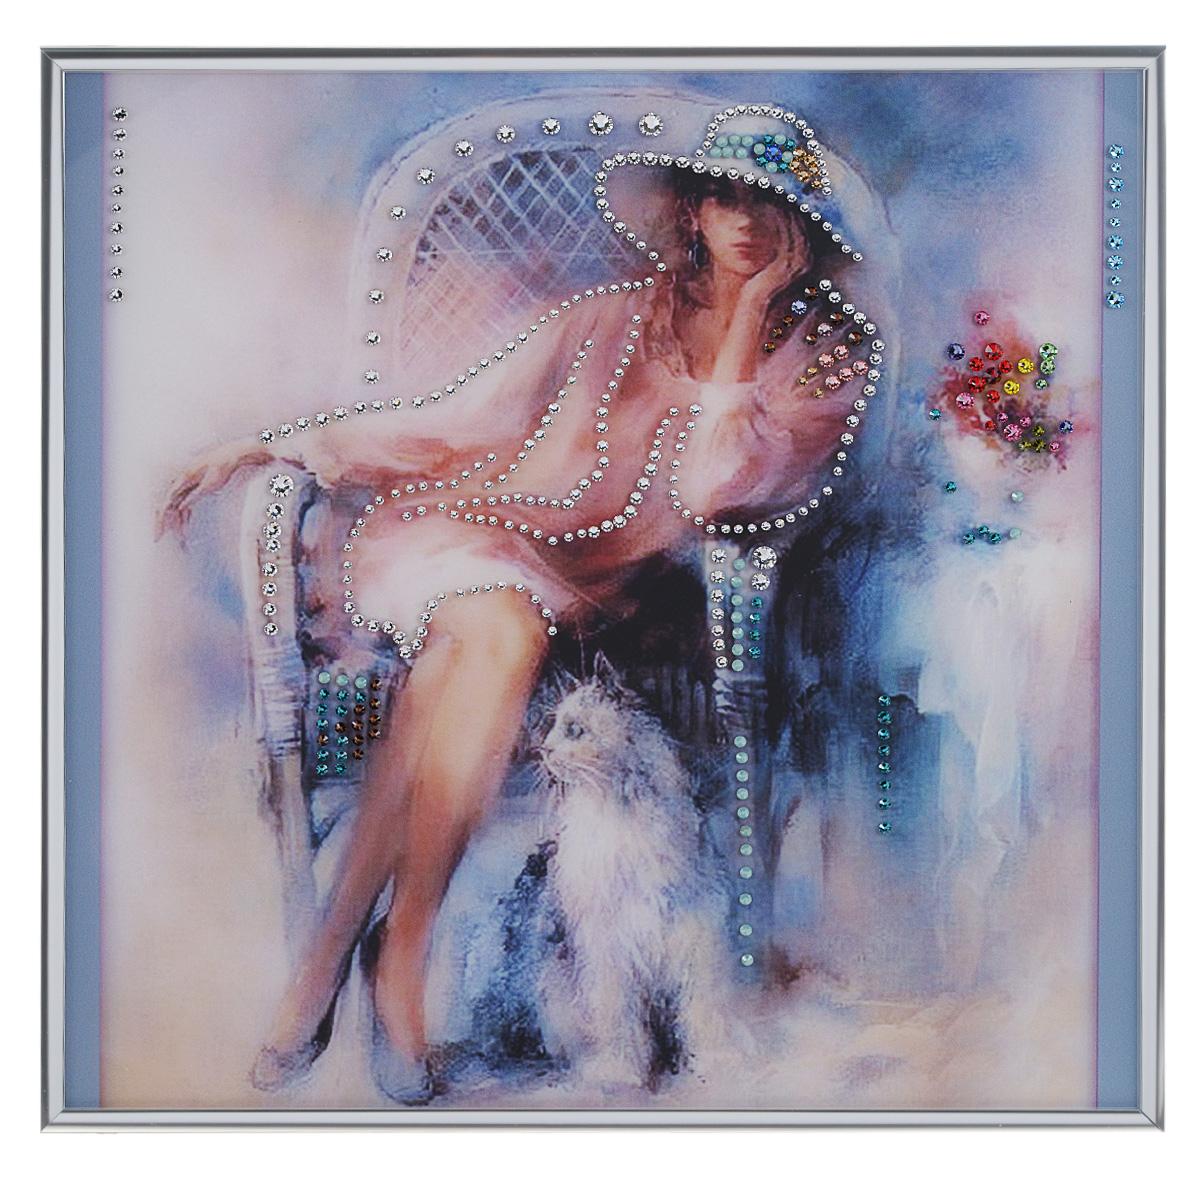 Картина с кристаллами Swarovski Незнакомка, 30 х 30 см1351Изящная картина в металлической раме, инкрустирована кристаллами Swarovski, которые отличаются четкой и ровной огранкой, ярким блеском и чистотой цвета. Красочное изображение девушки, расположенное под стеклом, прекрасно дополняет блеск кристаллов. С обратной стороны имеется металлическая петелька для размещения картины на стене. Картина с кристаллами Swarovski Незнакомка элегантно украсит интерьер дома или офиса, а также станет прекрасным подарком, который обязательно понравится получателю. Блеск кристаллов в интерьере, что может быть сказочнее и удивительнее. Картина упакована в подарочную картонную коробку синего цвета и комплектуется сертификатом соответствия Swarovski.